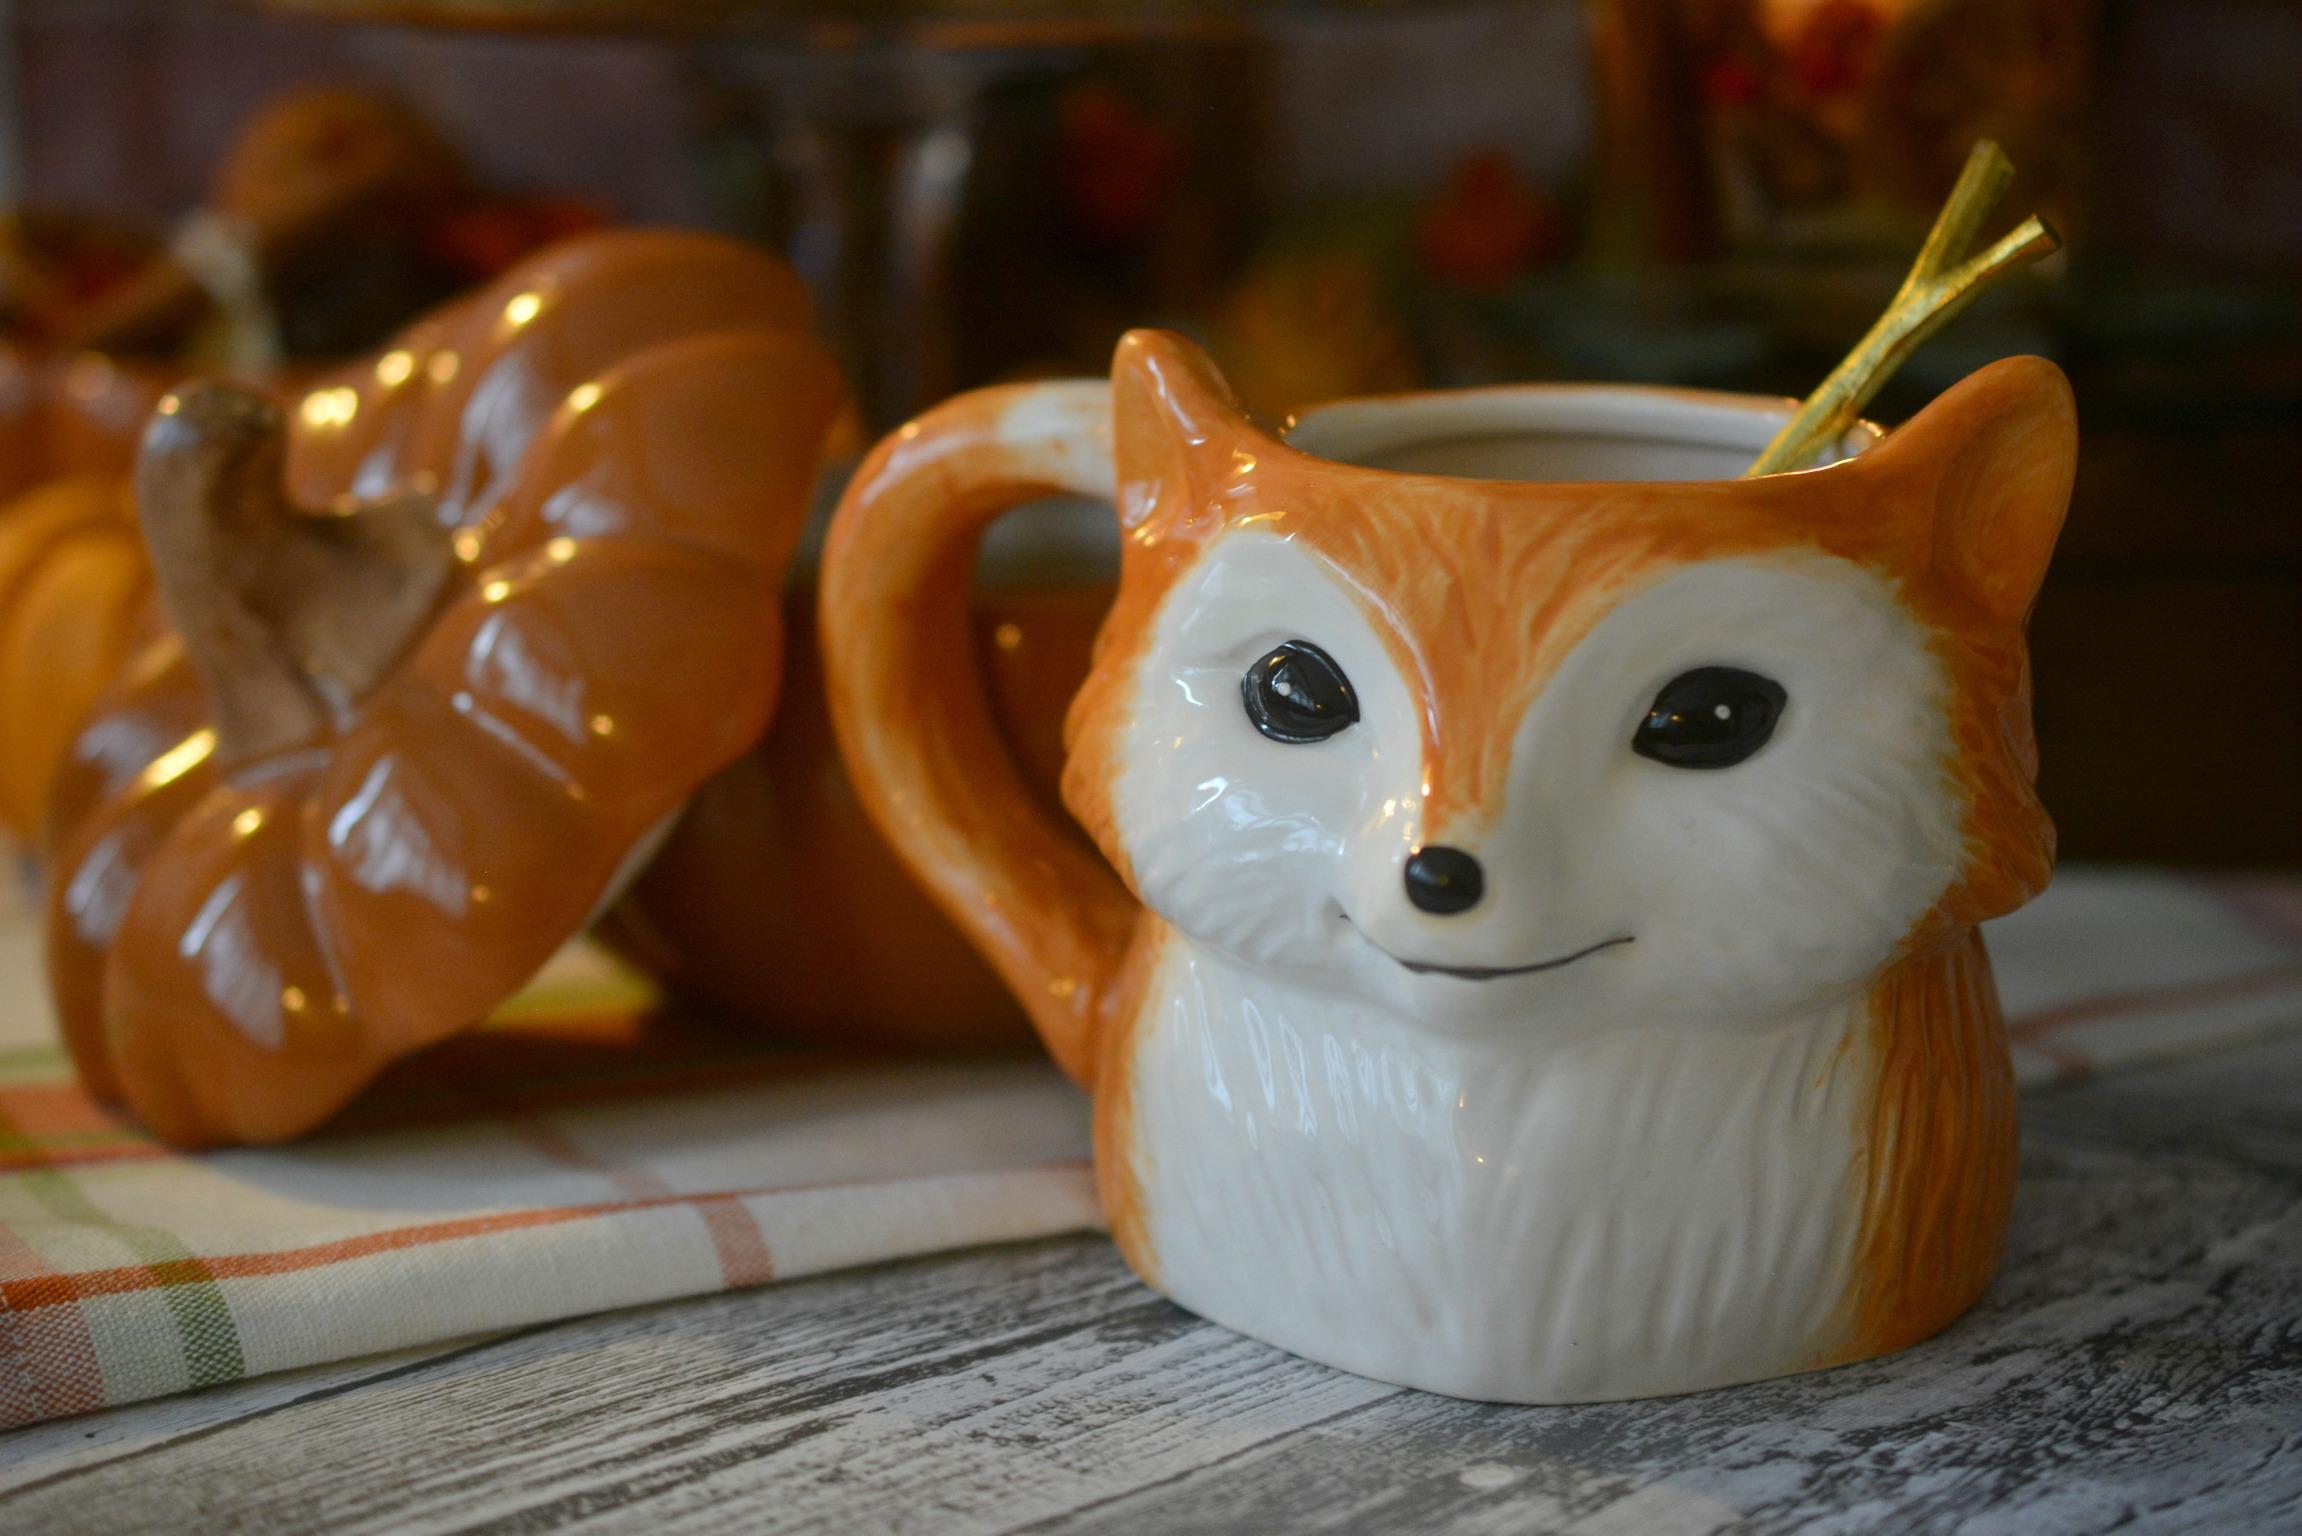 Autumn Home ware